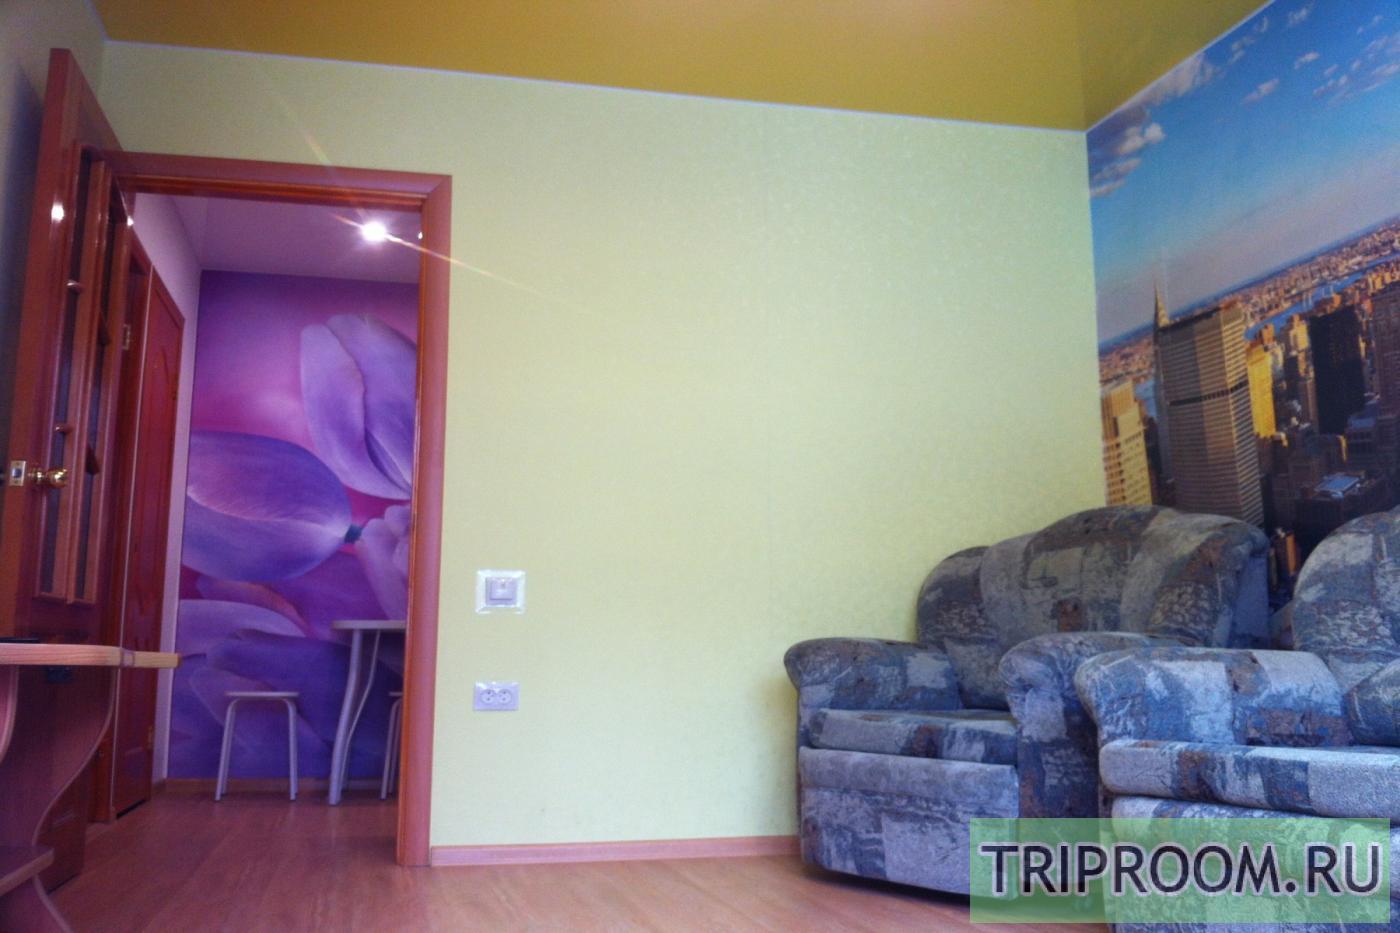 3-комнатная квартира посуточно (вариант № 32013), ул. Верхнепортовая улица, фото № 6